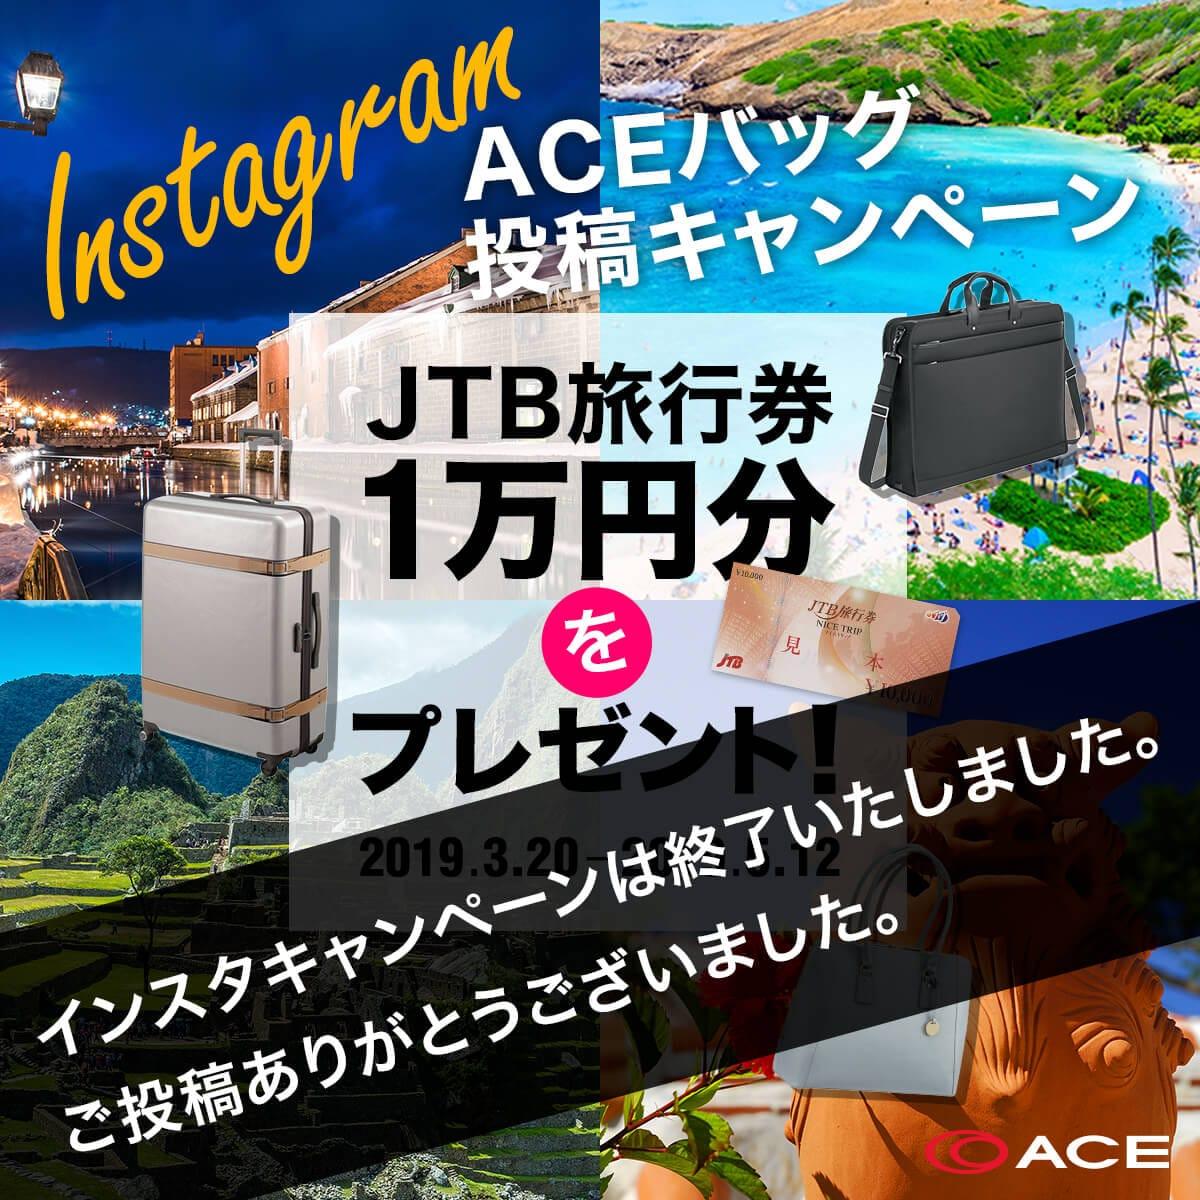 Instagramにあなたの素敵なバッグを投稿してみませんか!?